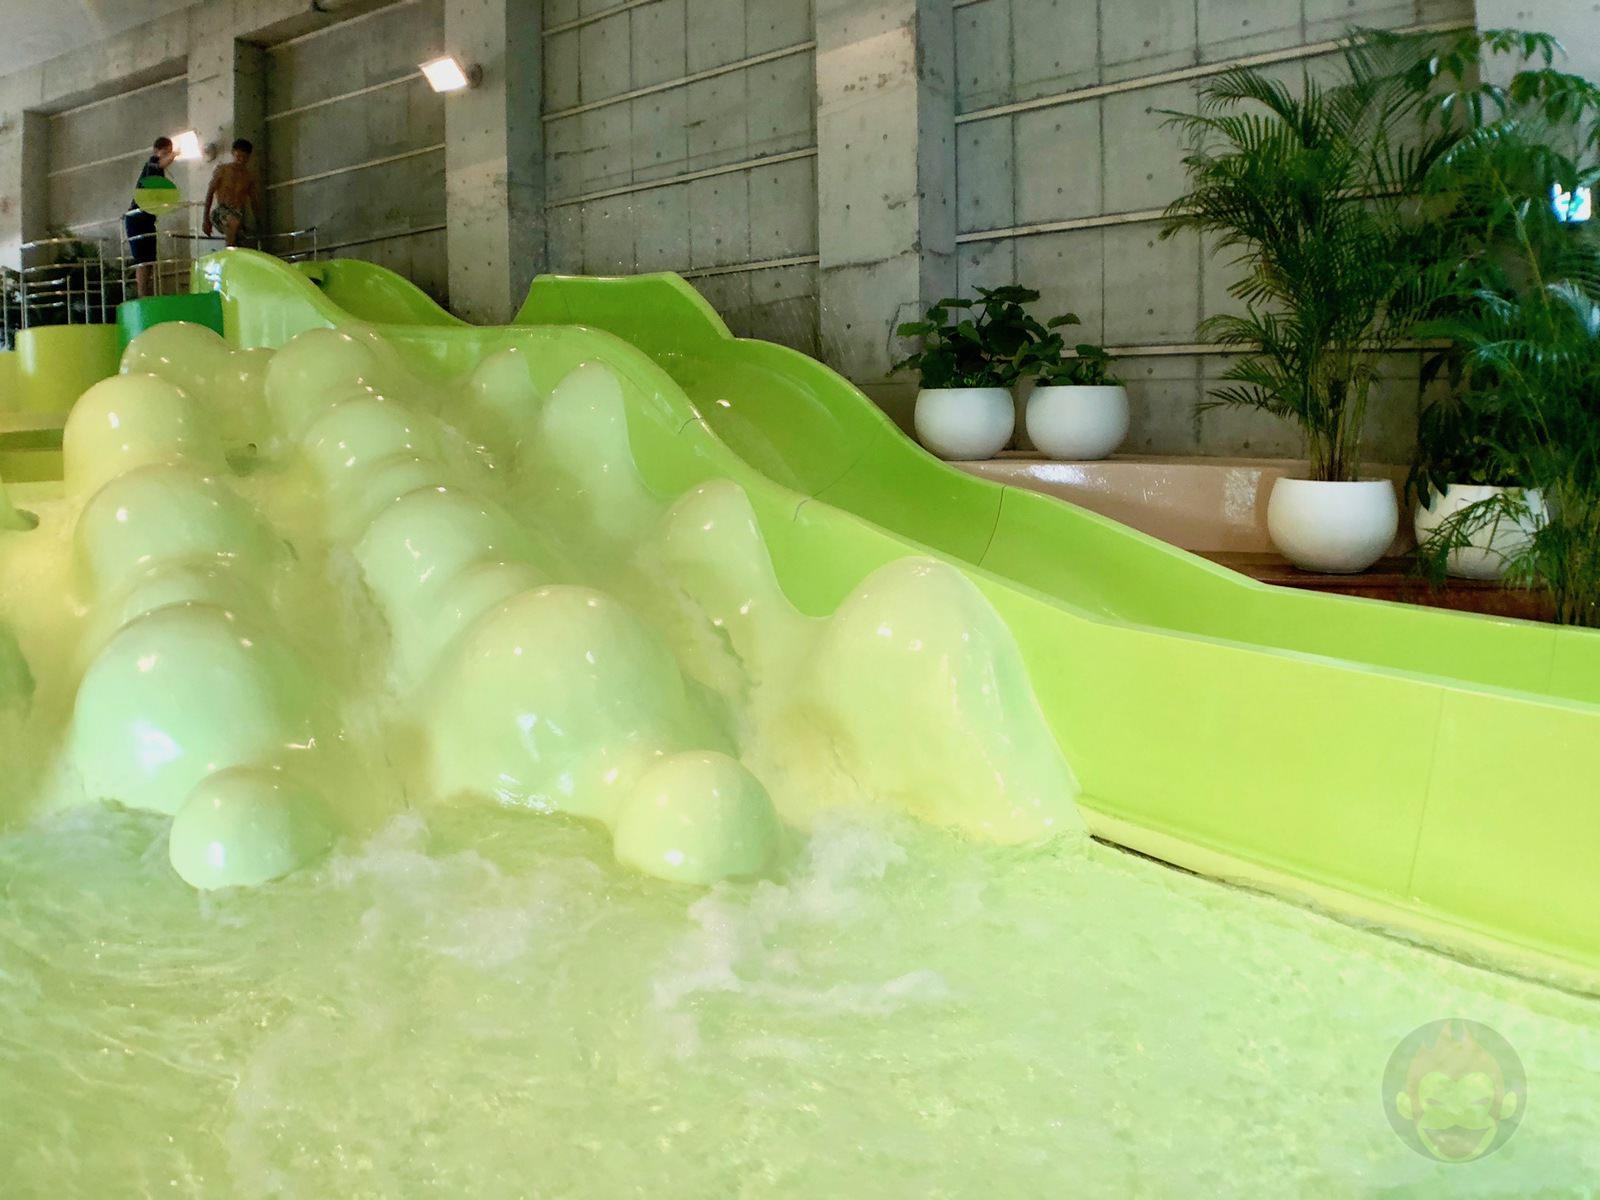 Hoshino-Resonalre-Yatsugatake-Pool-13.jpg